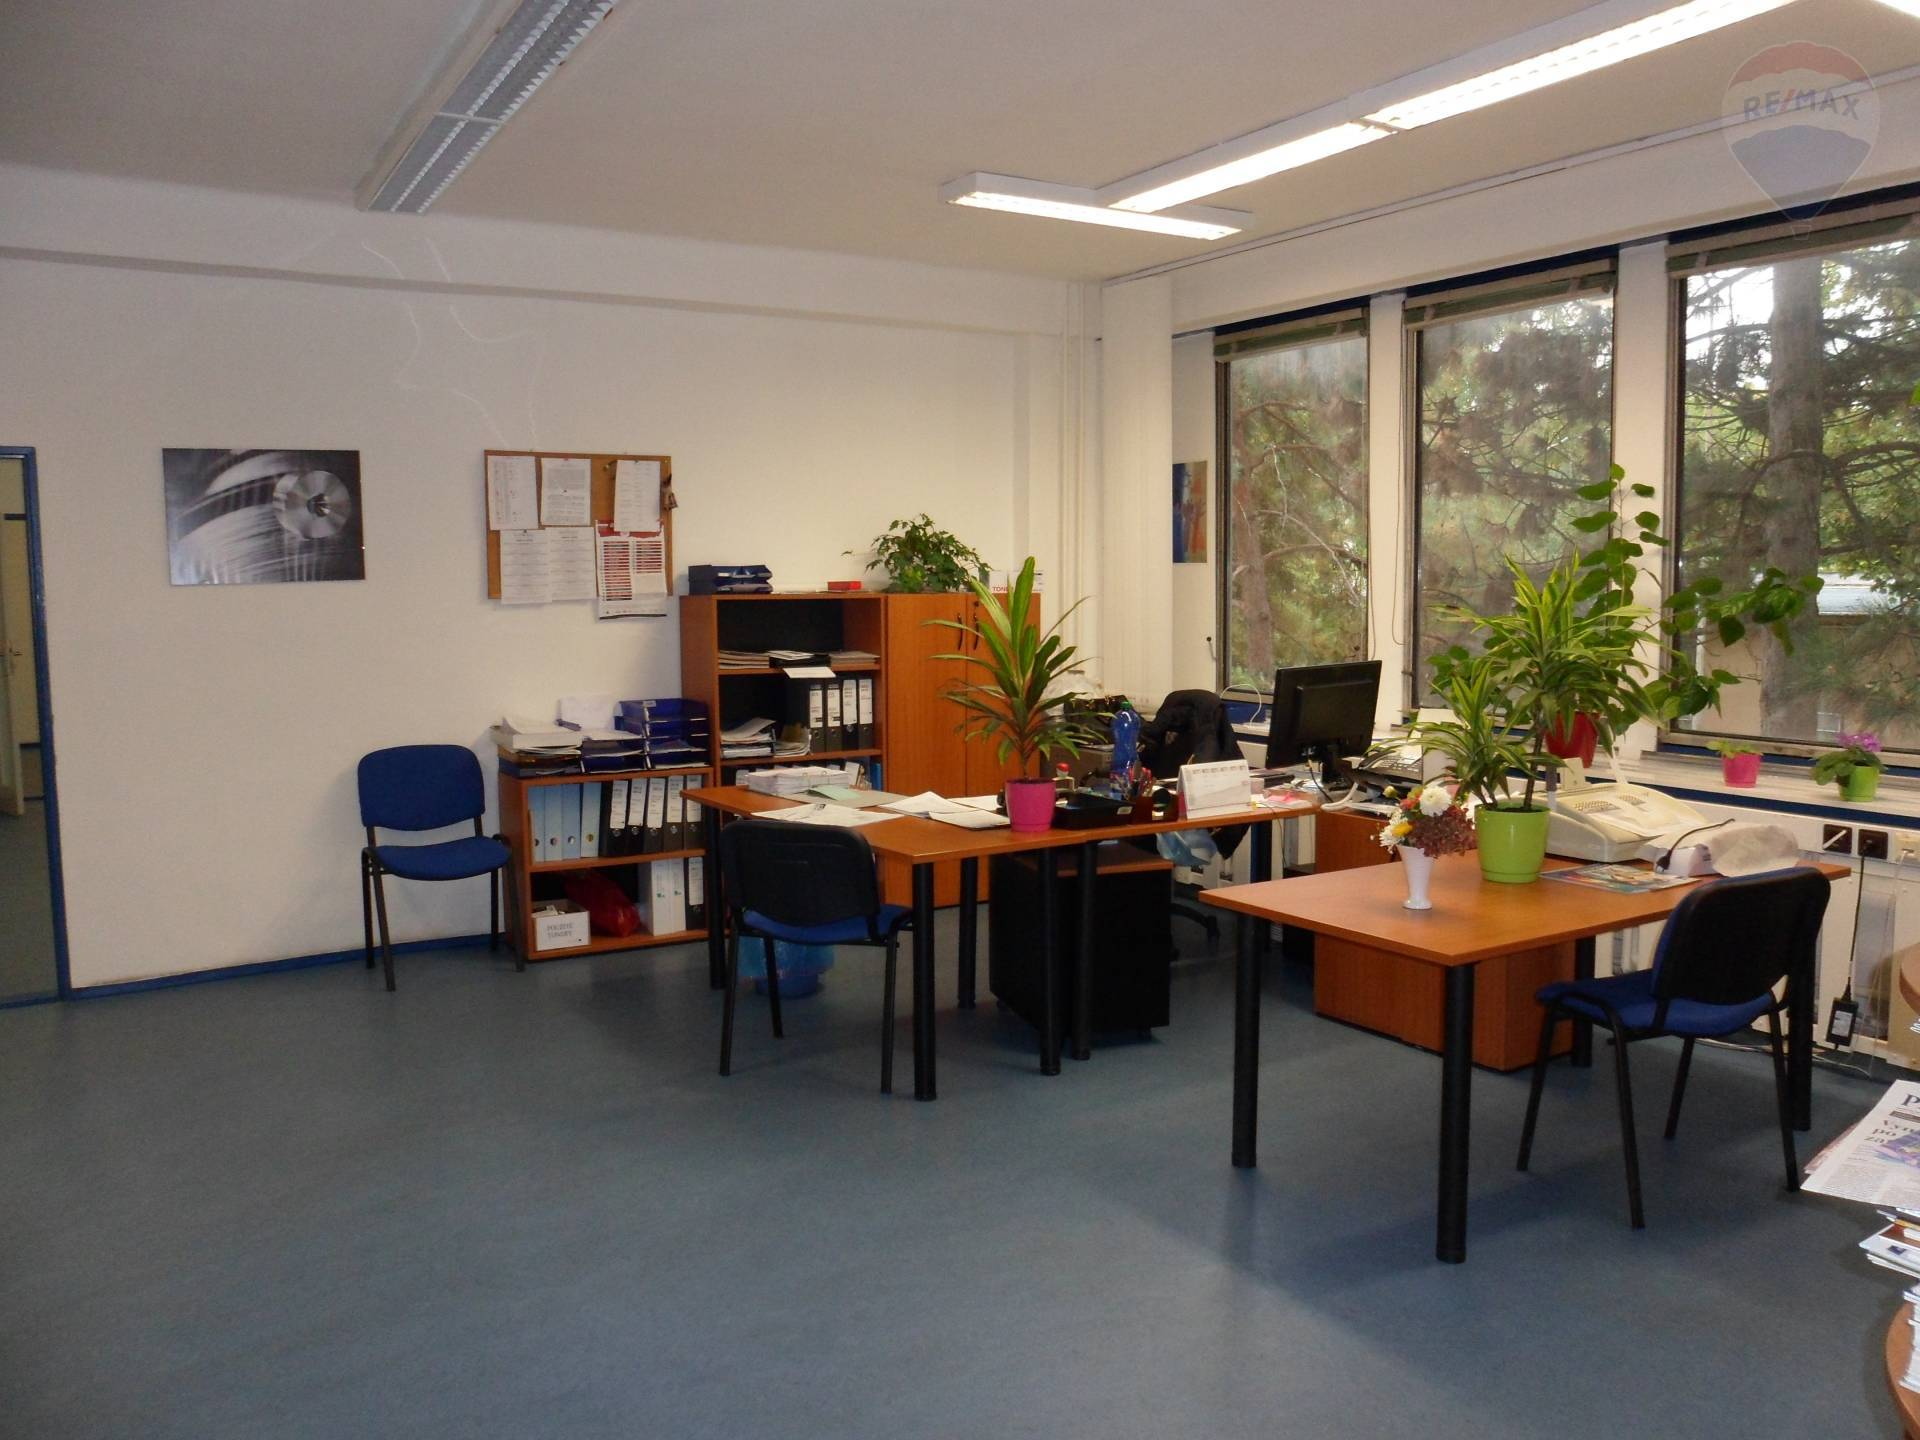 Prenájom komerčného priestoru 18 m2, Nitra - prenájom kancelárie Nitra